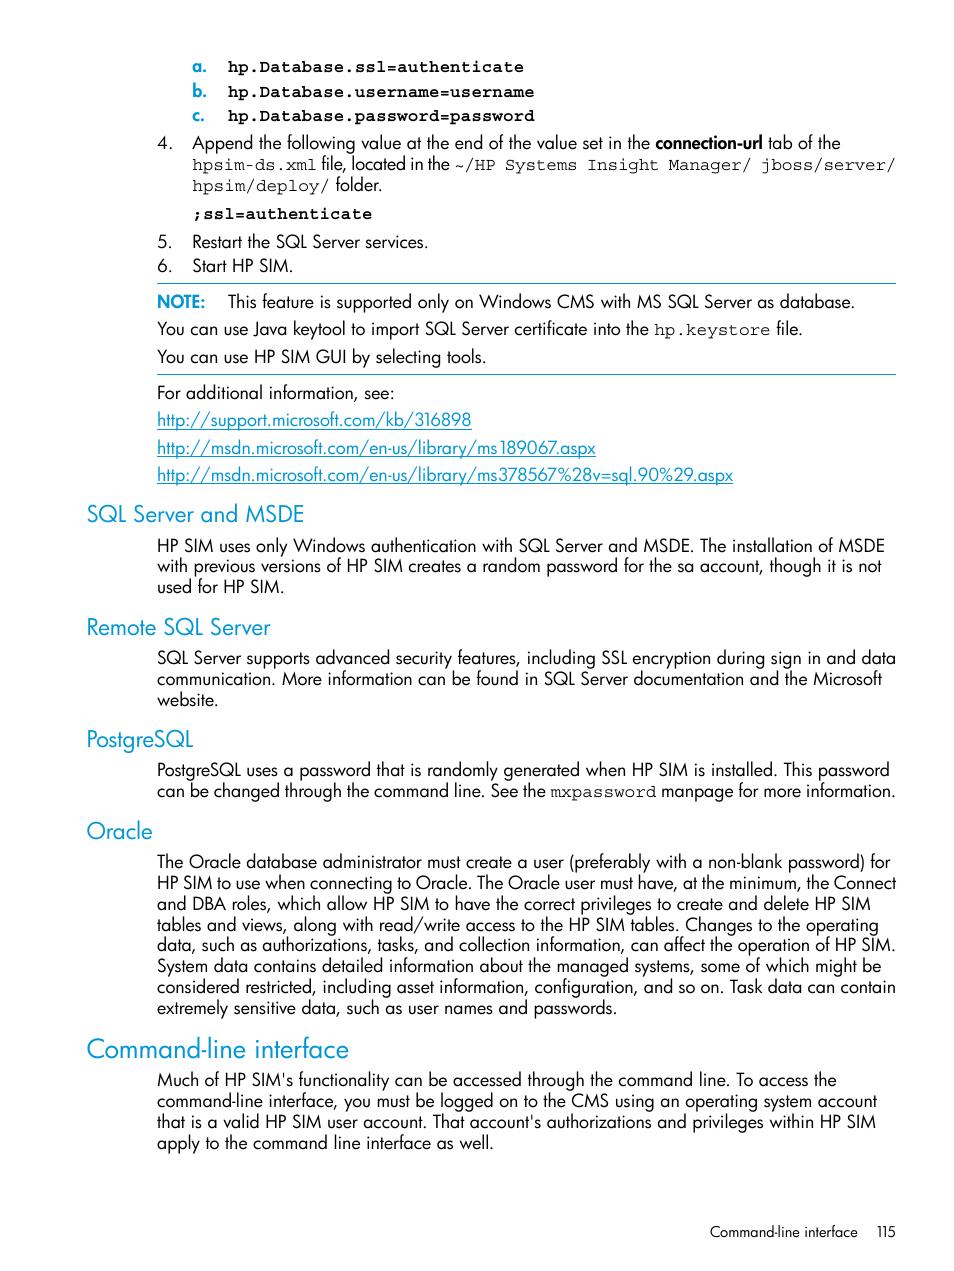 Sql server and msde, Remote sql server, Postgresql | HP